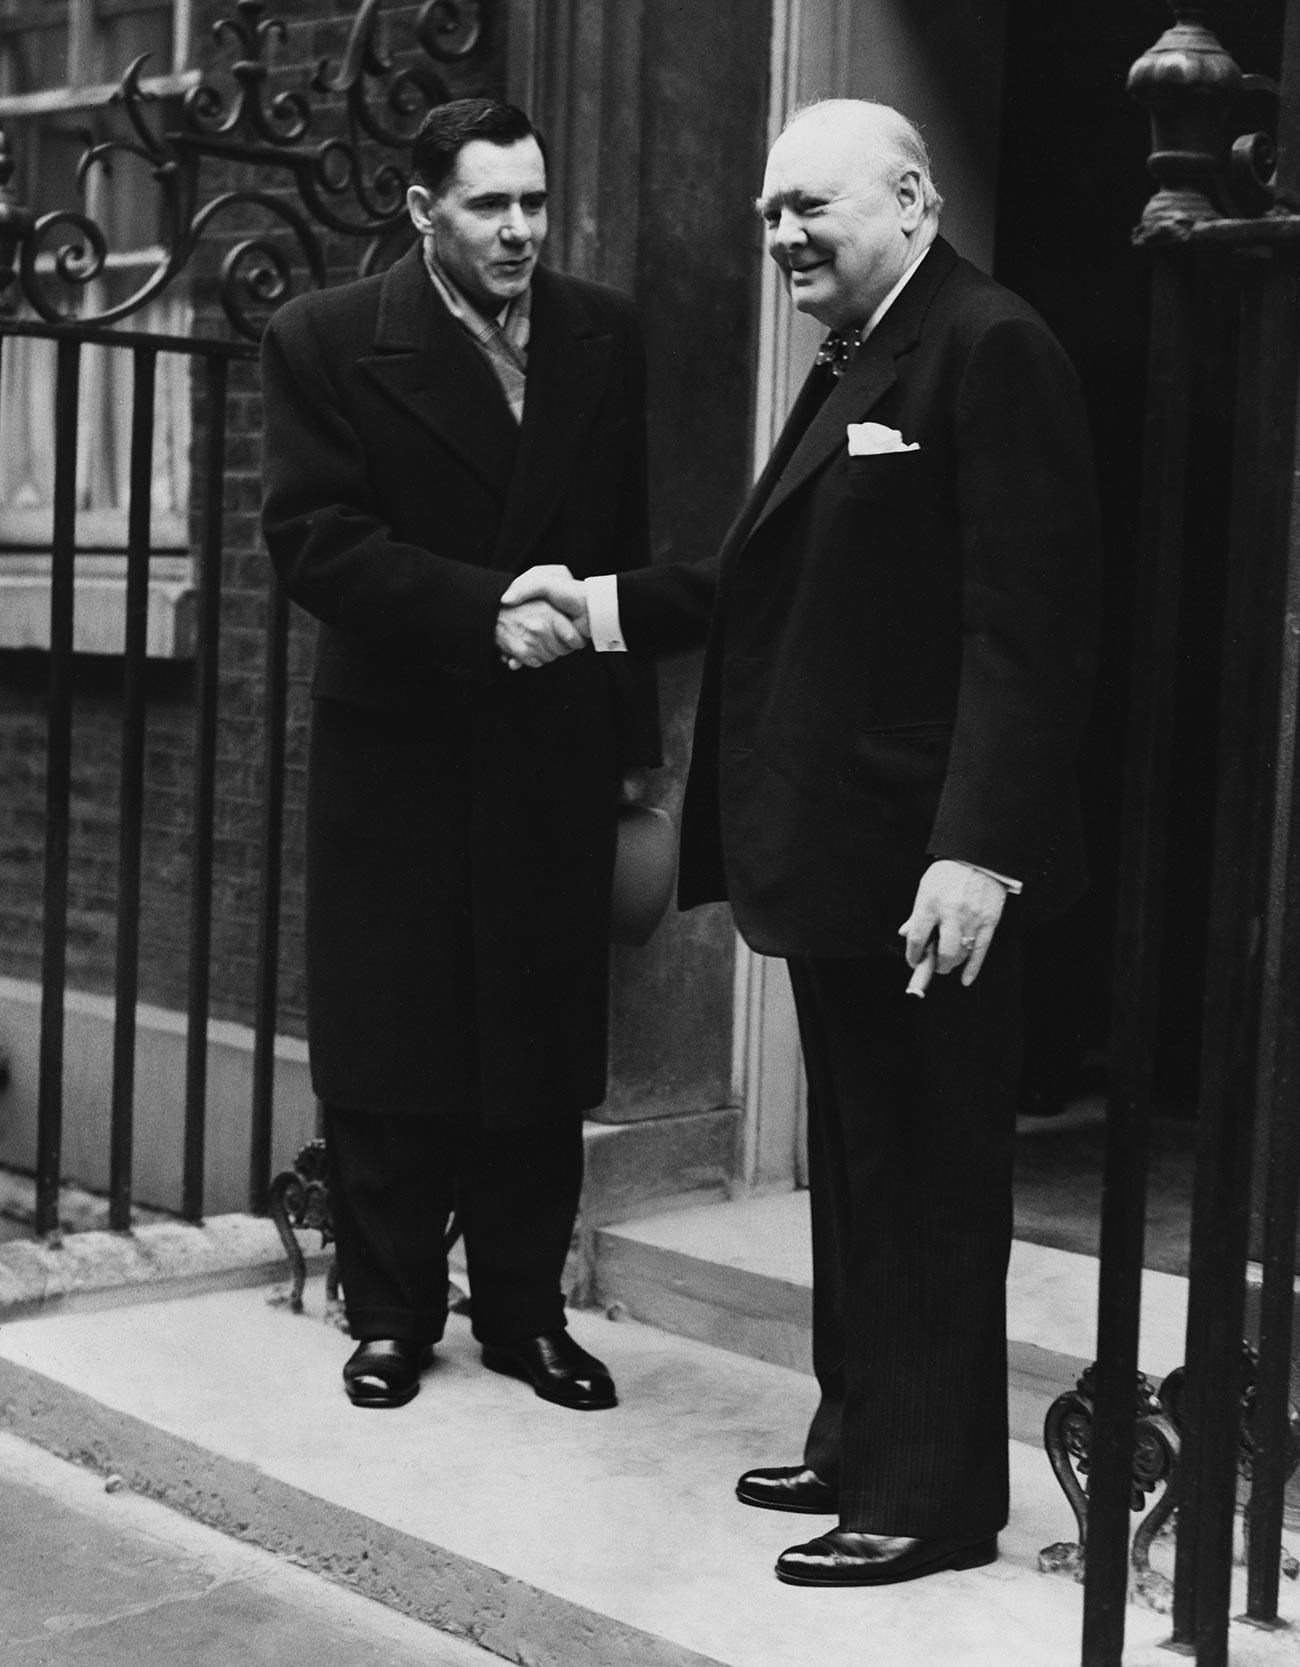 Gromiko se rokuje s konservativnim britanskim premierjem Winstonom Churchillom na ilici 10 Downing Street med obiskom v zahvalo britanski donaciji hrane ZSSR